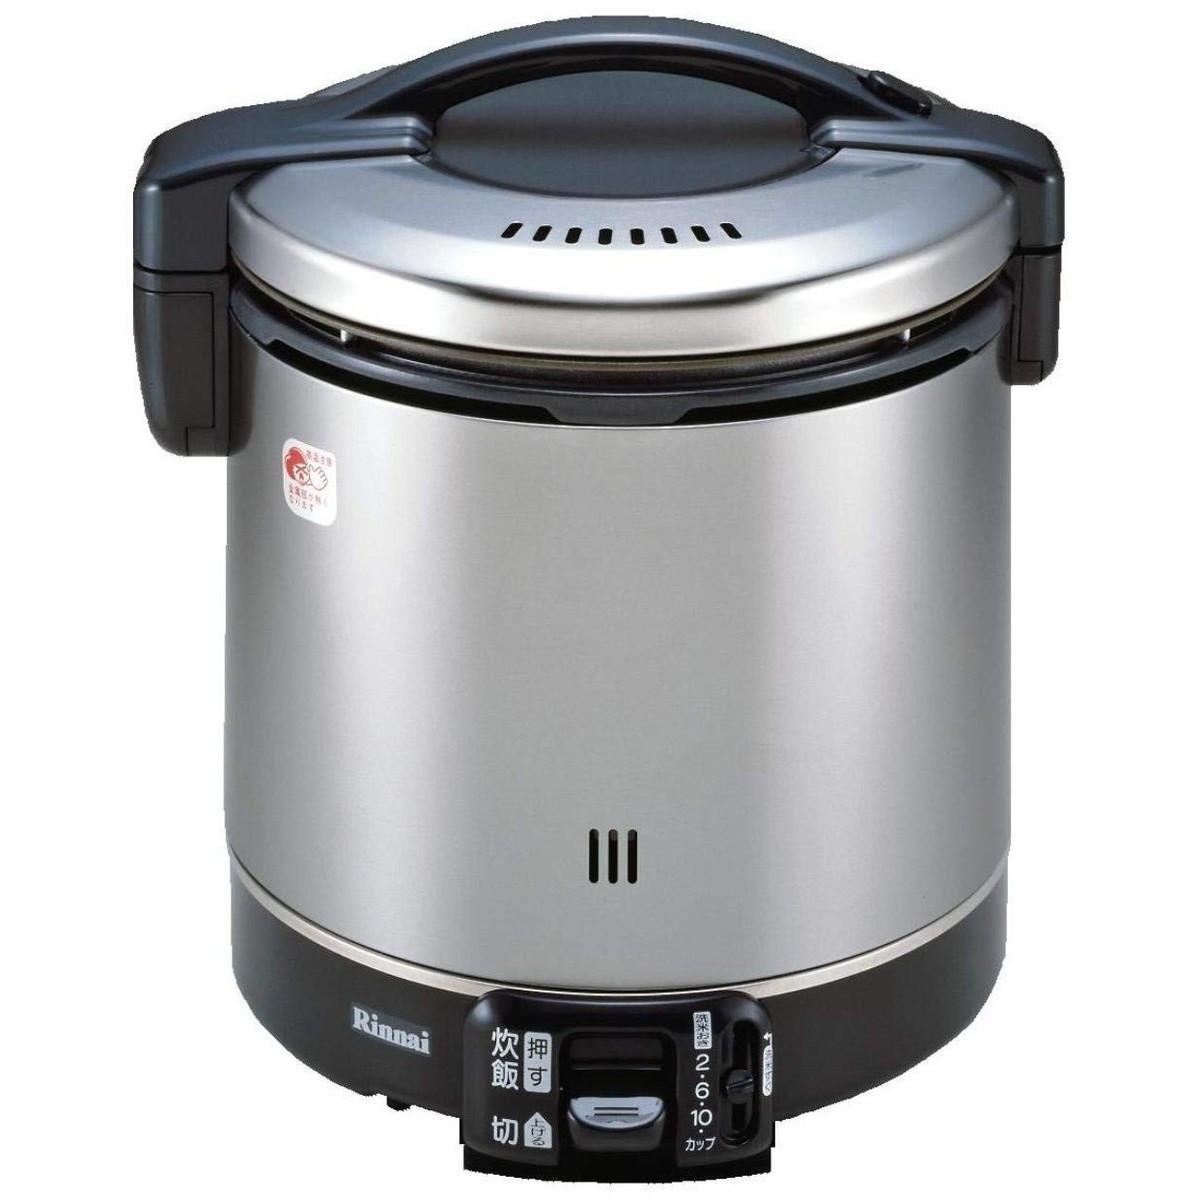 【エントリーでポイント10倍!!】リンナイ こがまる ガス炊飯器 11合炊き・ブラック・プロパンガスLPG用 RR-100GS-C LP